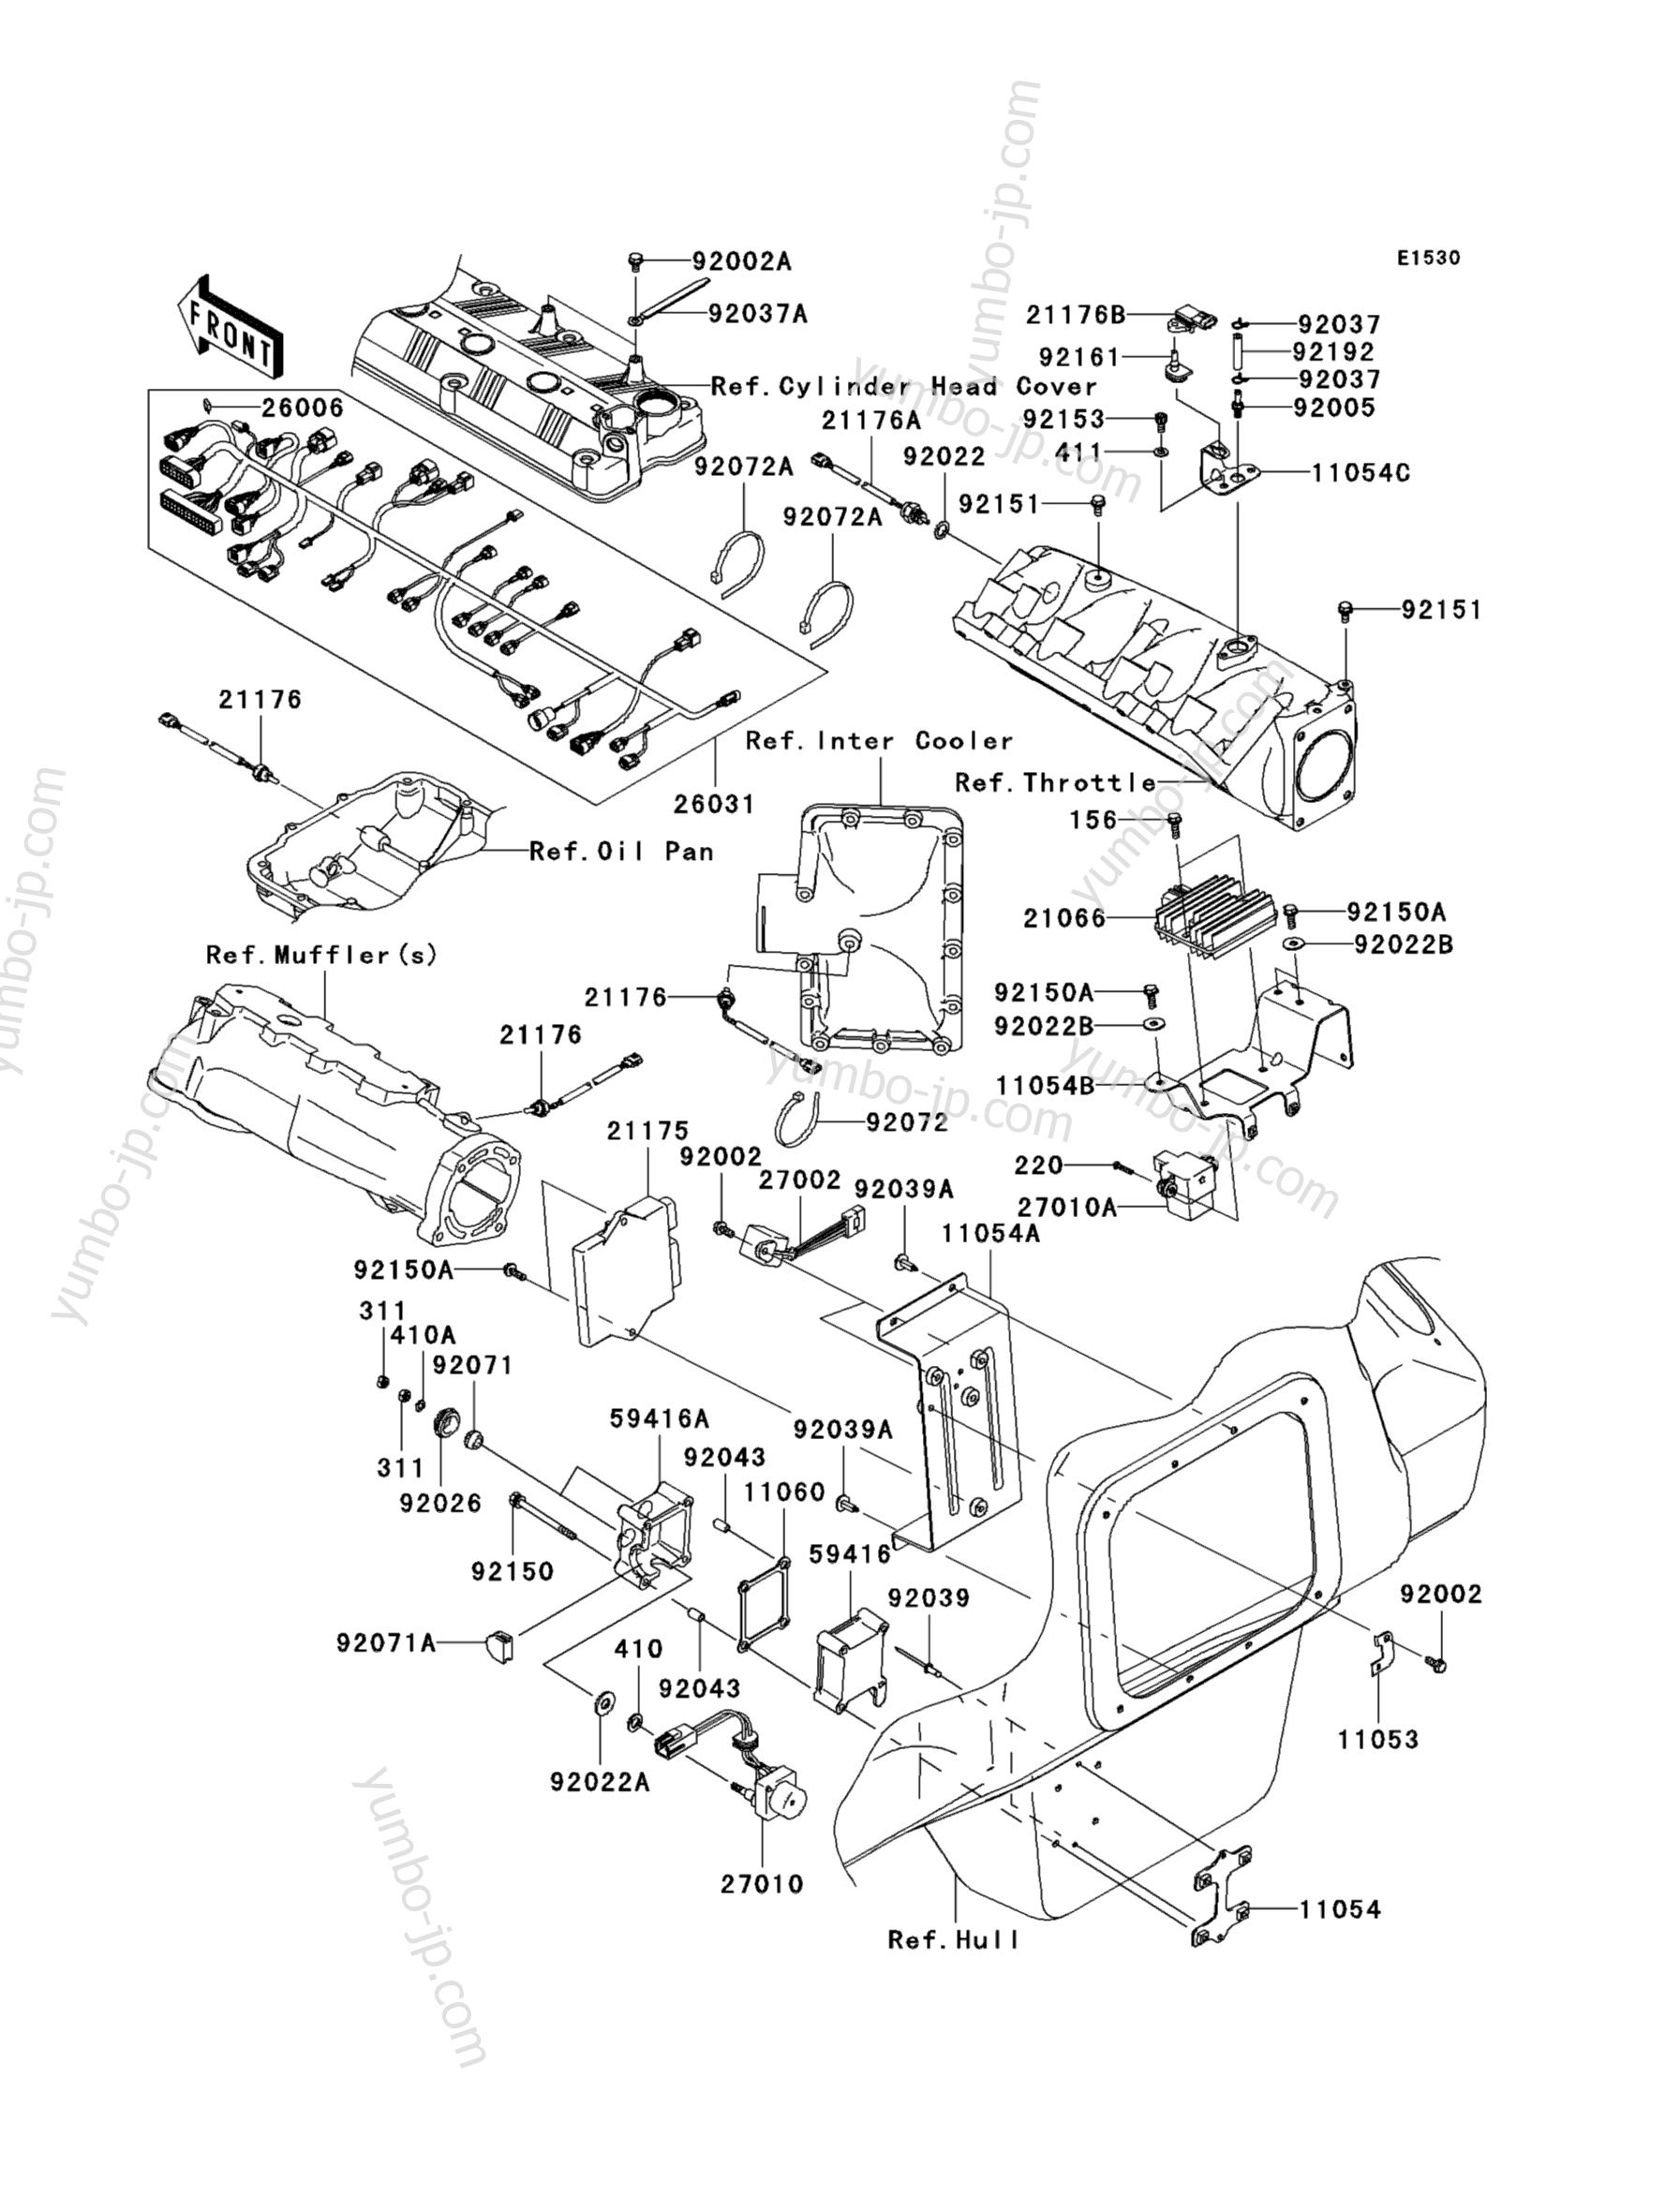 Fuel Injection для гидроциклов KAWASAKI JET SKI ULTRA 260LX (JT1500F9F) 2009 г.